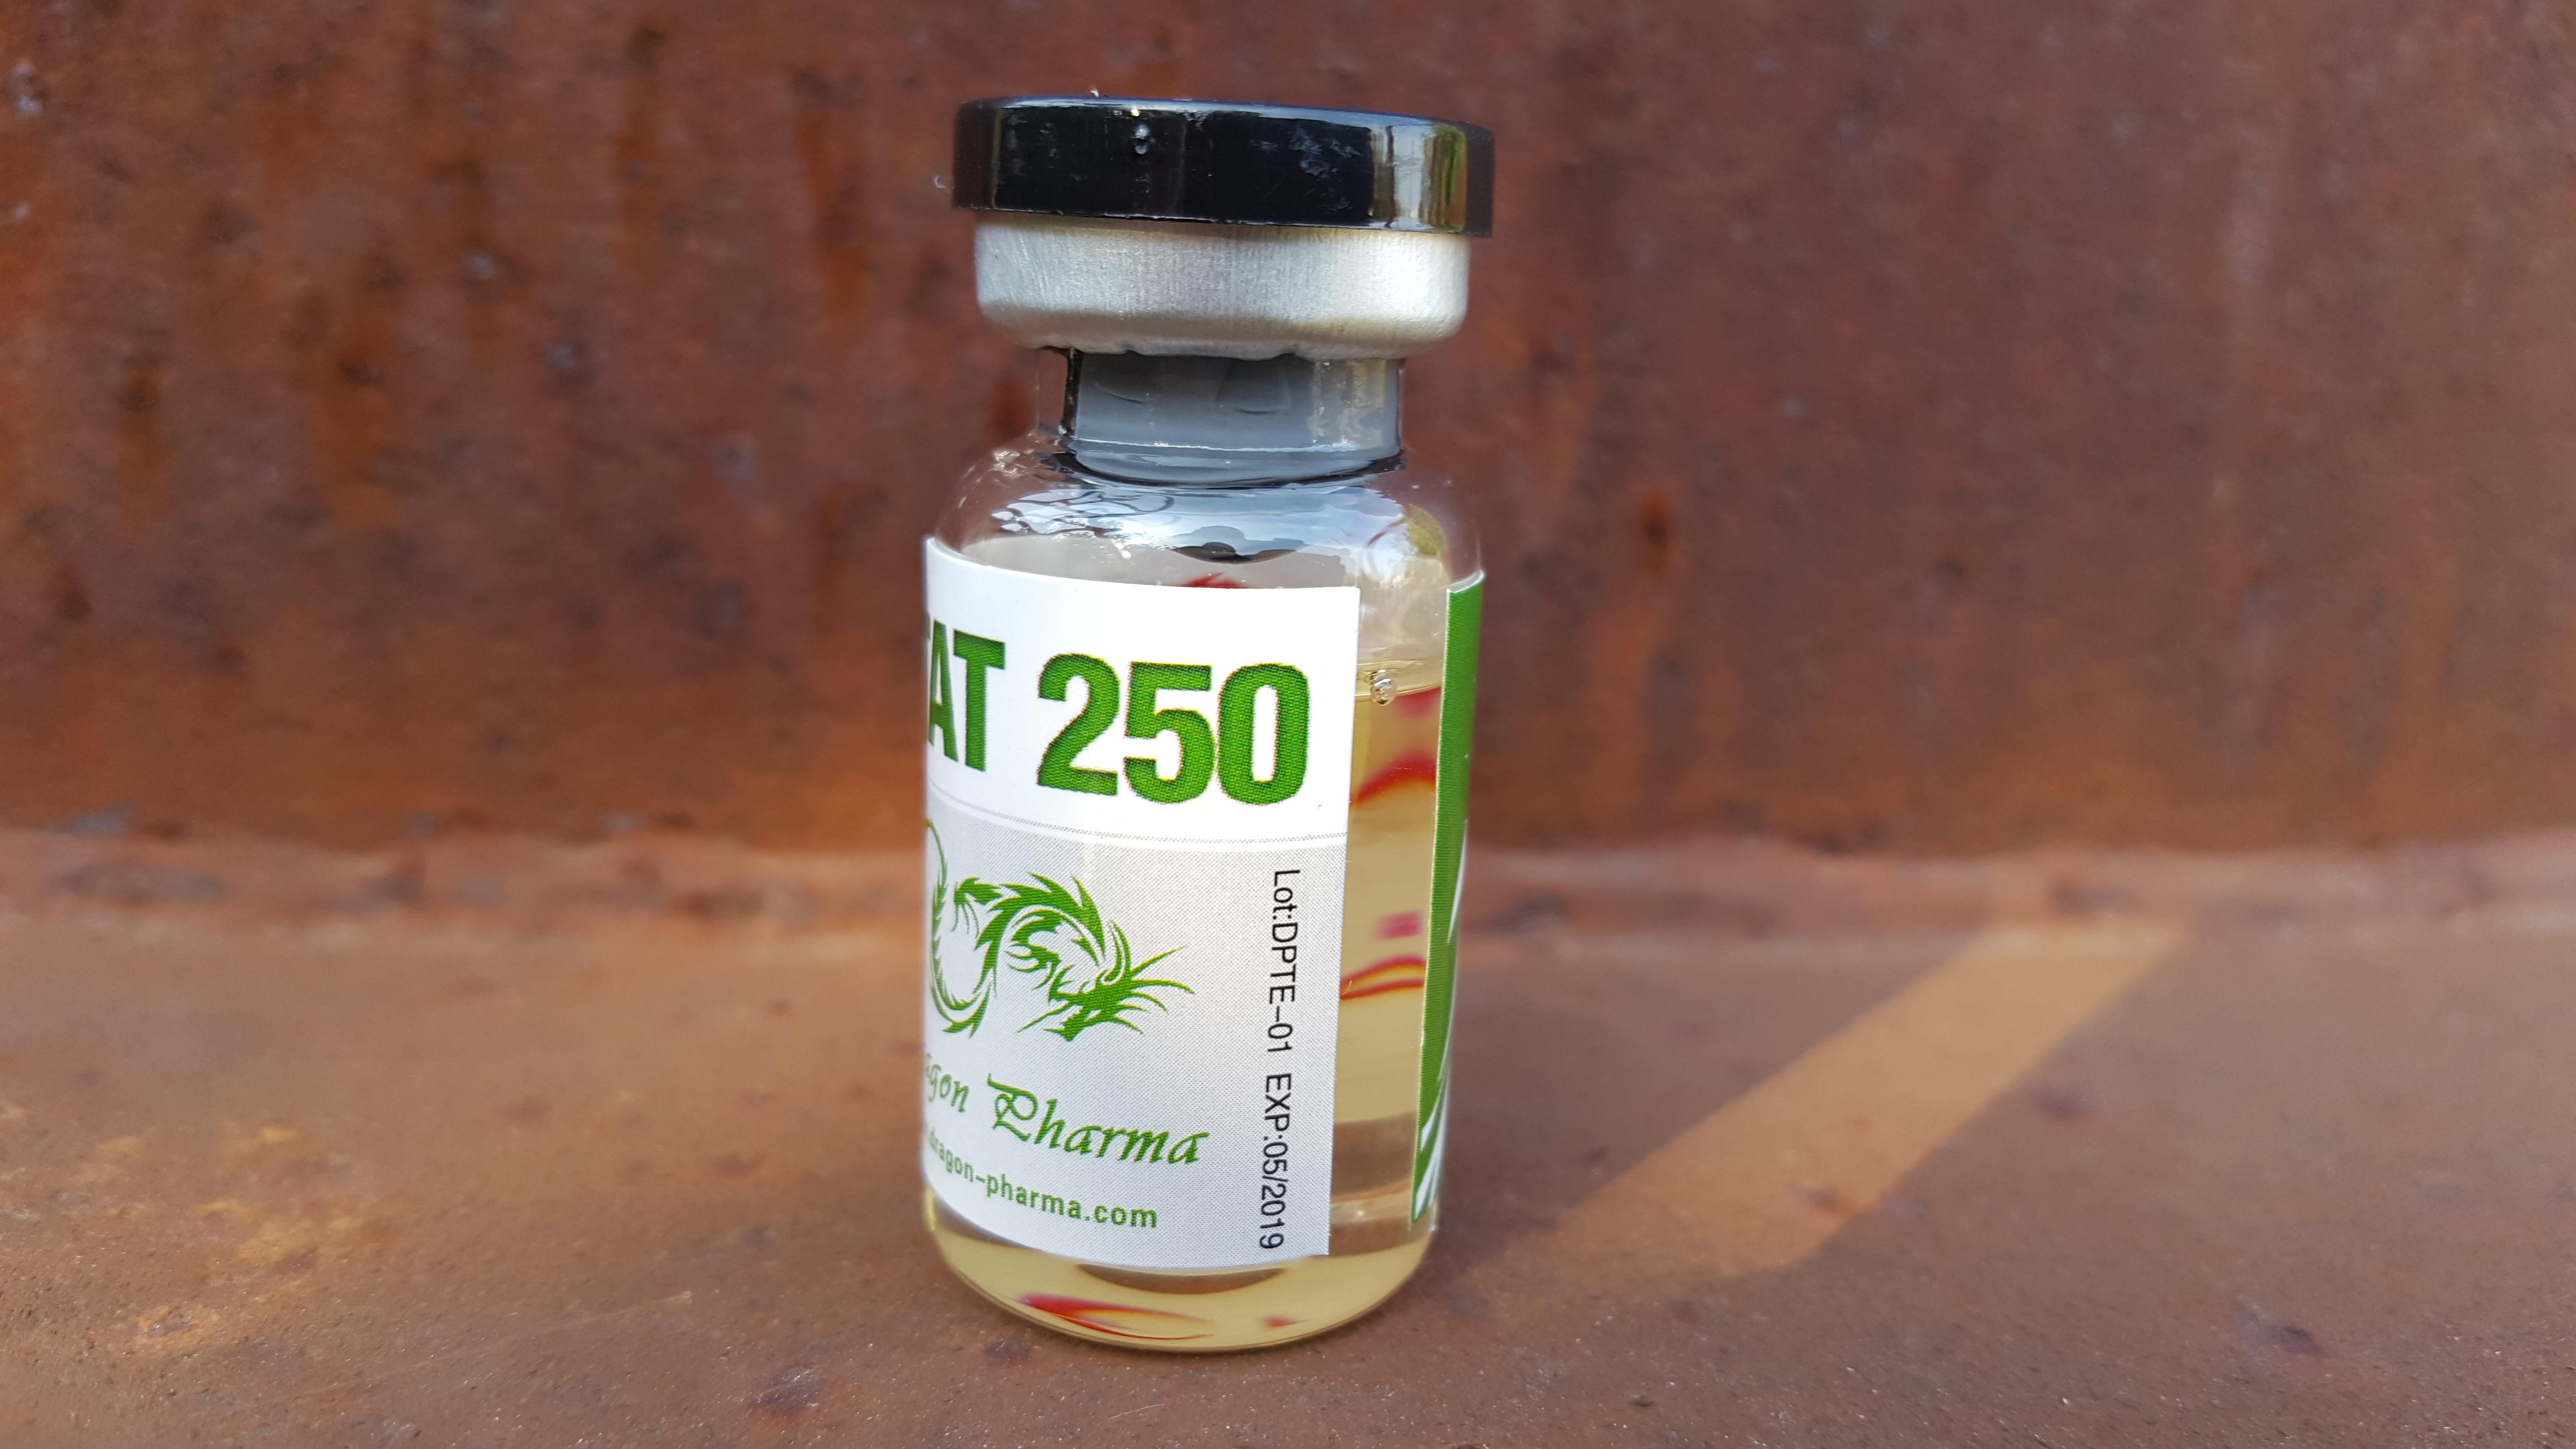 Dragon Pharma Enantat 250 Lab Test Results - Anabolic Lab